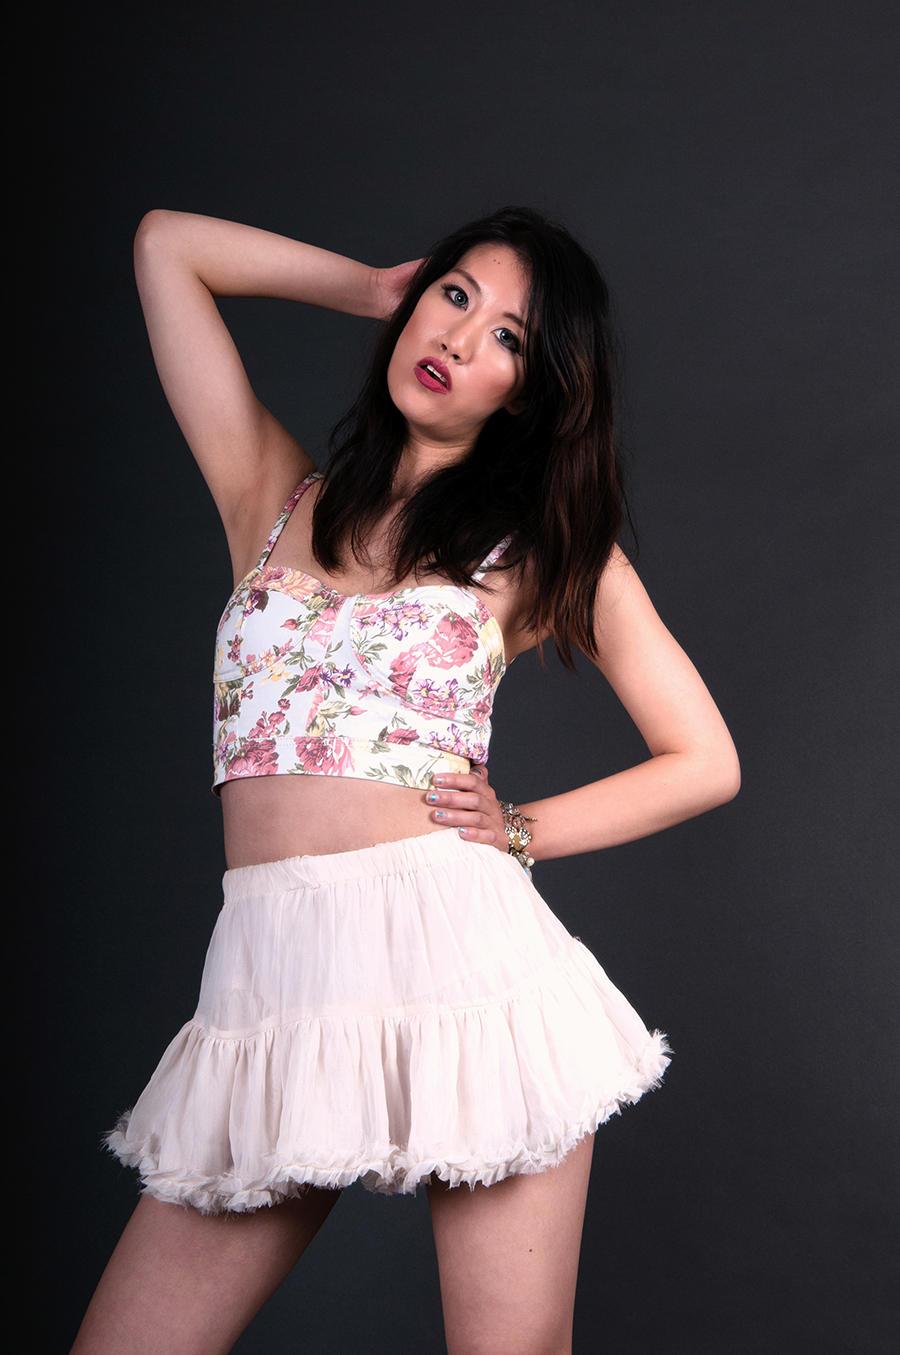 Model Erika Summer / Uploaded 11th October 2013 @ 09:44 PM